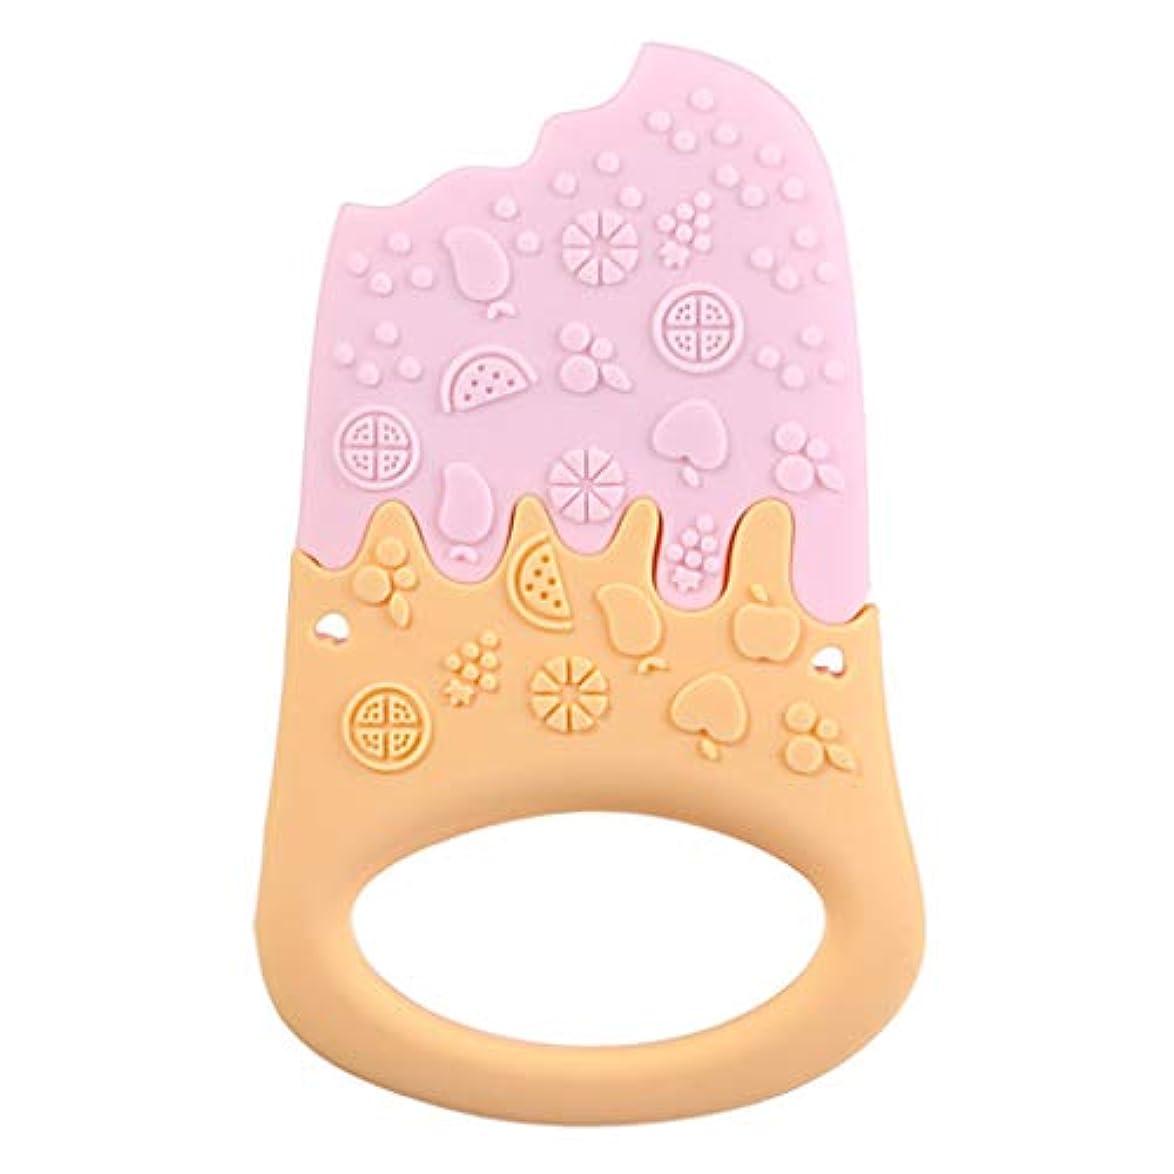 汚れたアナログ買い物に行くLanddumシリコーンティーザーアイスクリームティーザー赤ちゃん看護玩具かむ玩具歯が生えるガラガラおもちゃ - 青